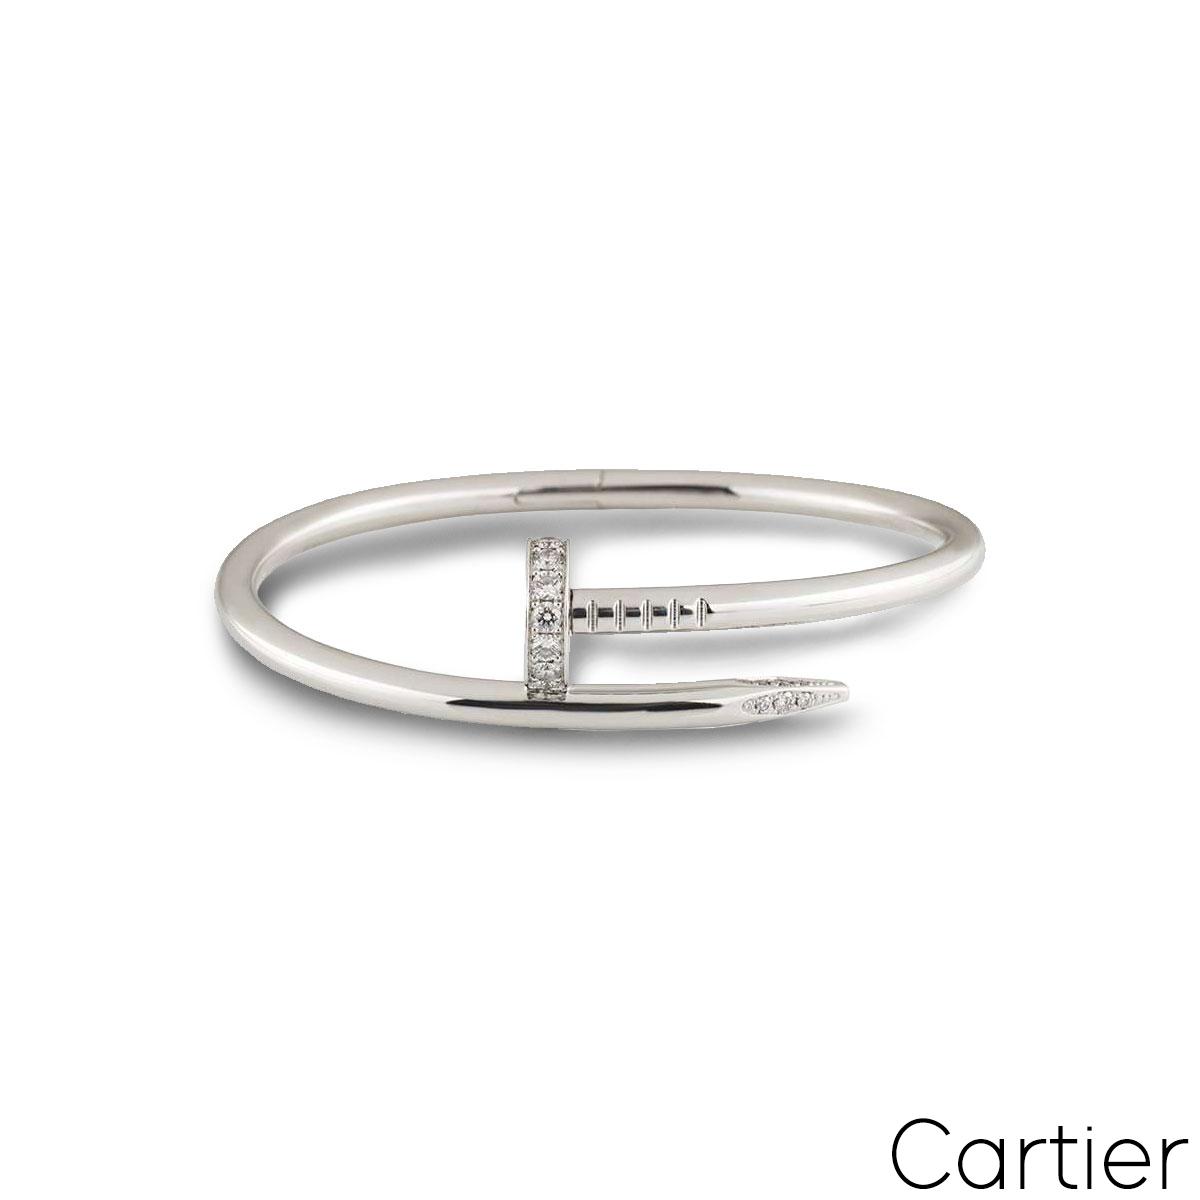 Cartier White Gold Diamond Juste Un Clou Bracelet Size 15B6048715